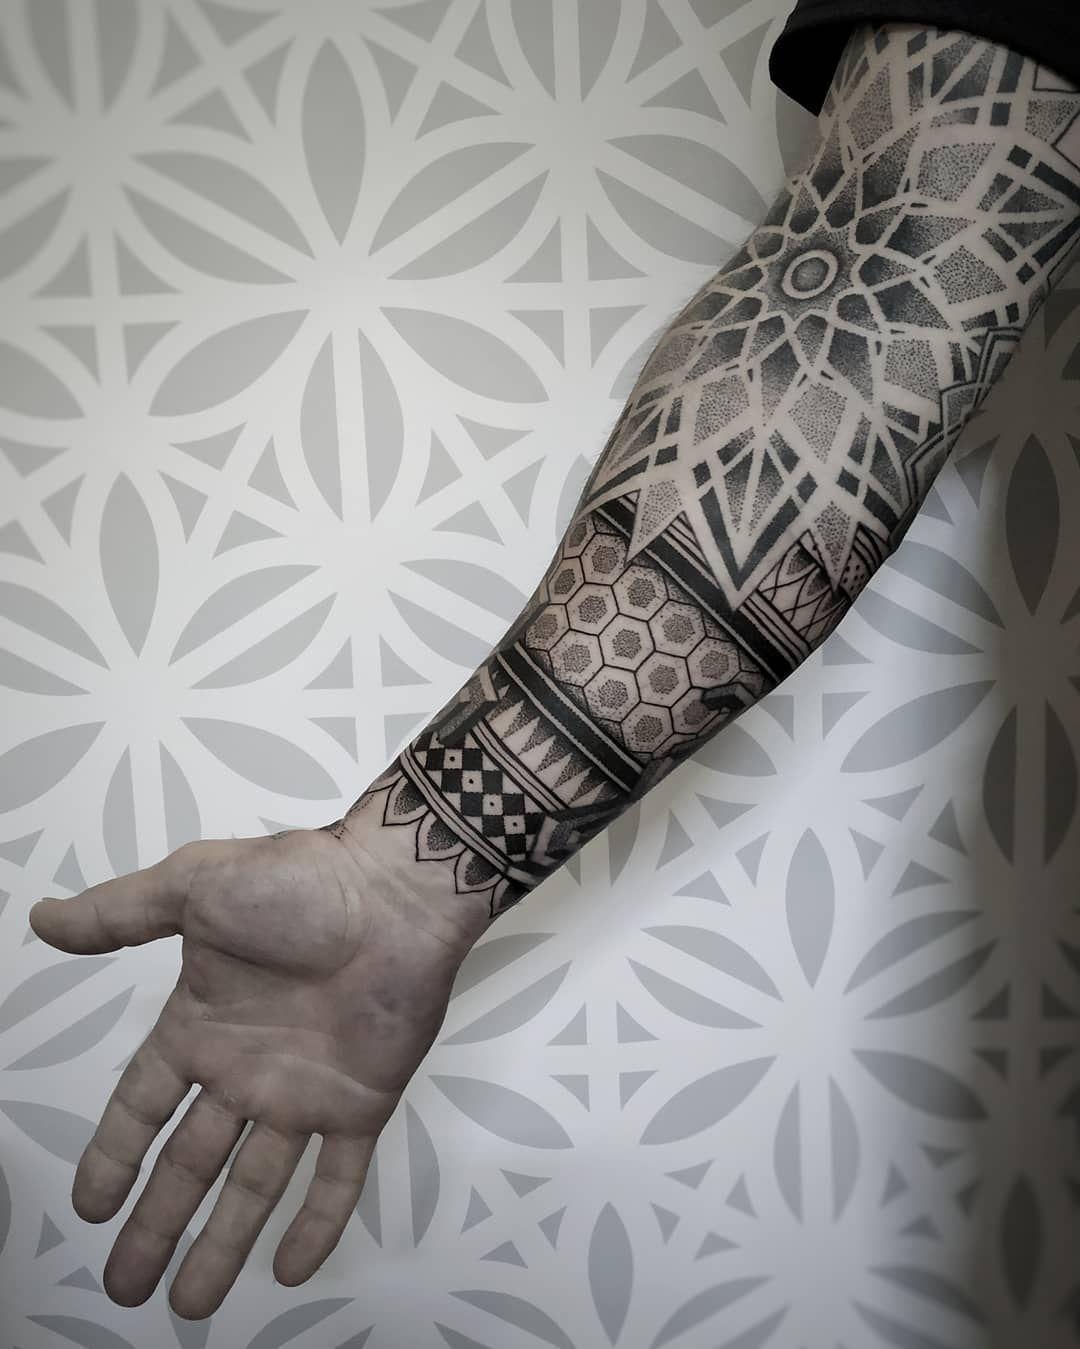 Pin De Daniel Lopes Em Ideias Em 2020 Tatuagem Masculina Braco Tatuagens Geometricas Tatuagem Masculina